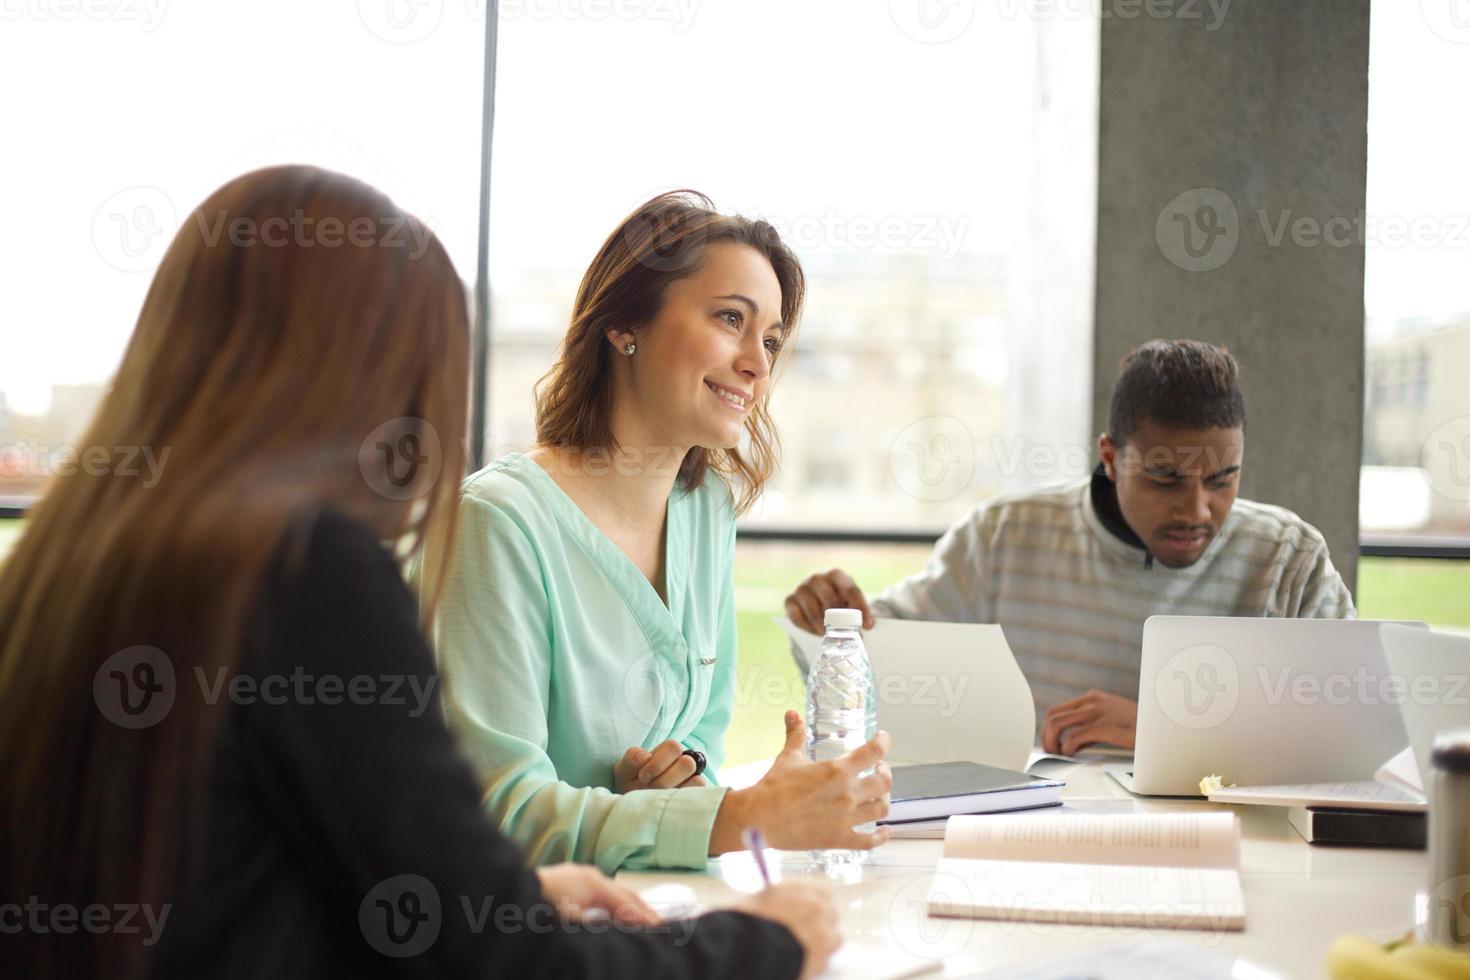 jovem estudando na biblioteca com outros estudantes foto